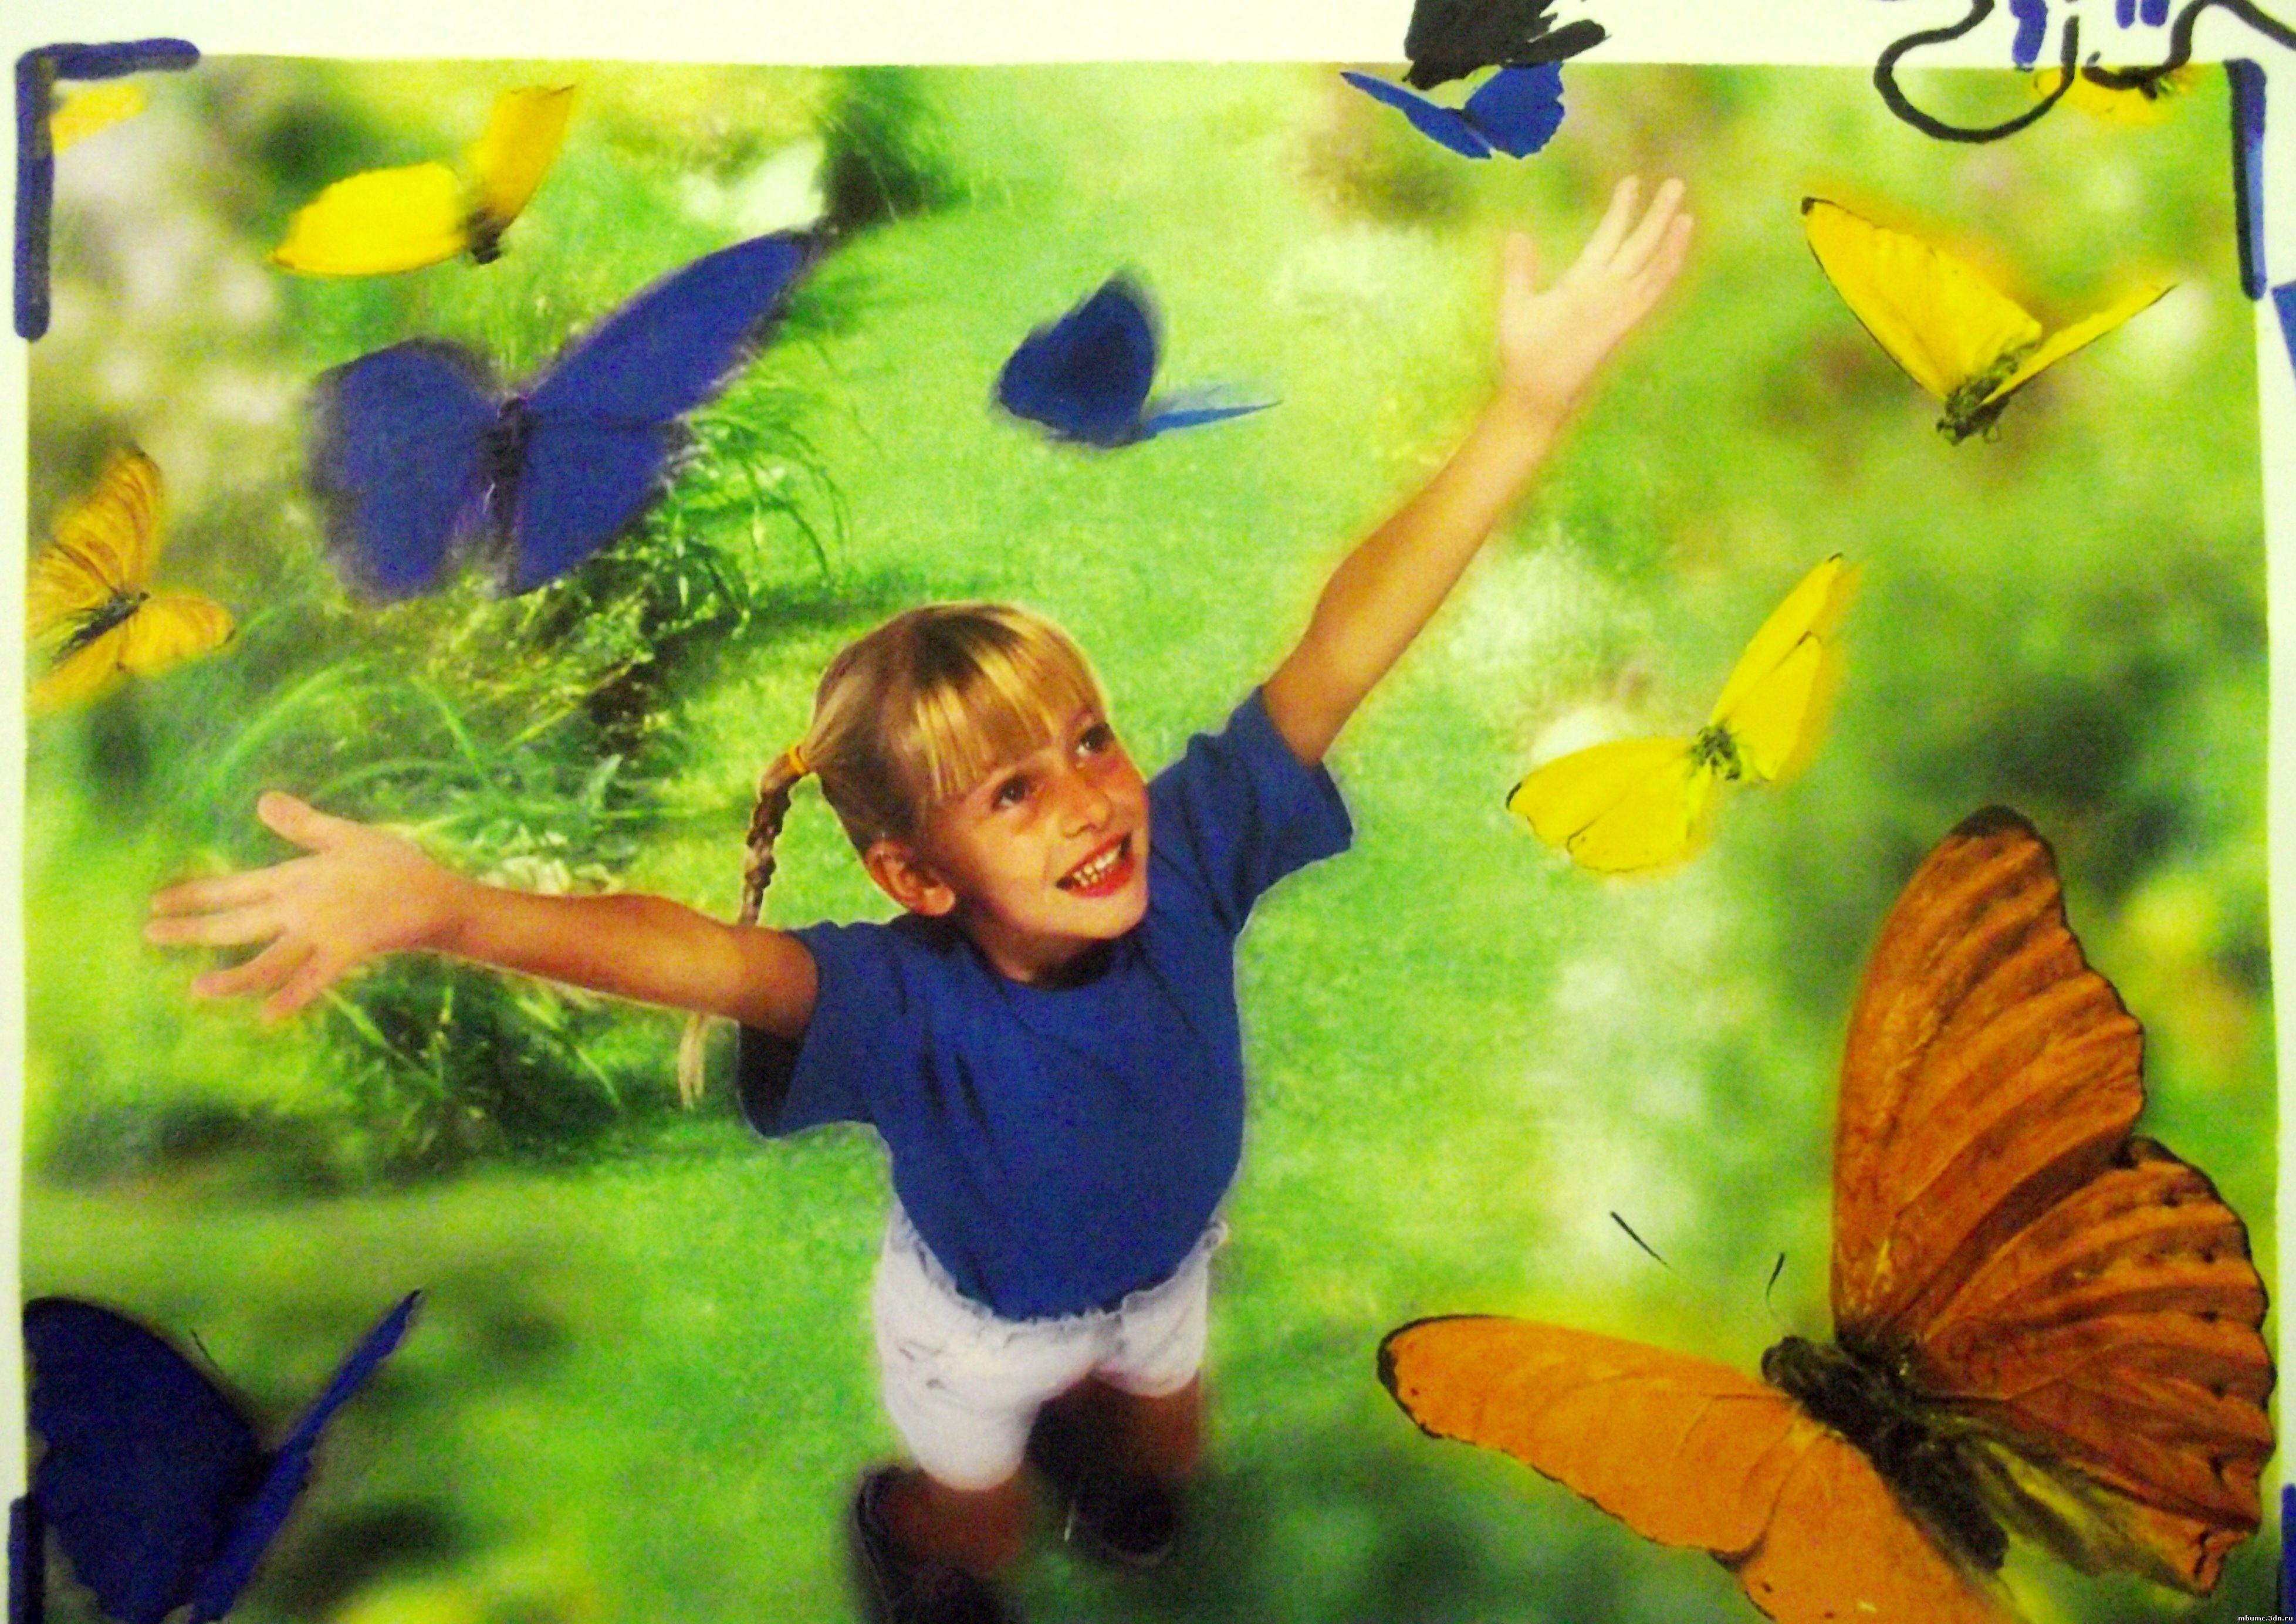 Рисунок счастье взглядом детей 6